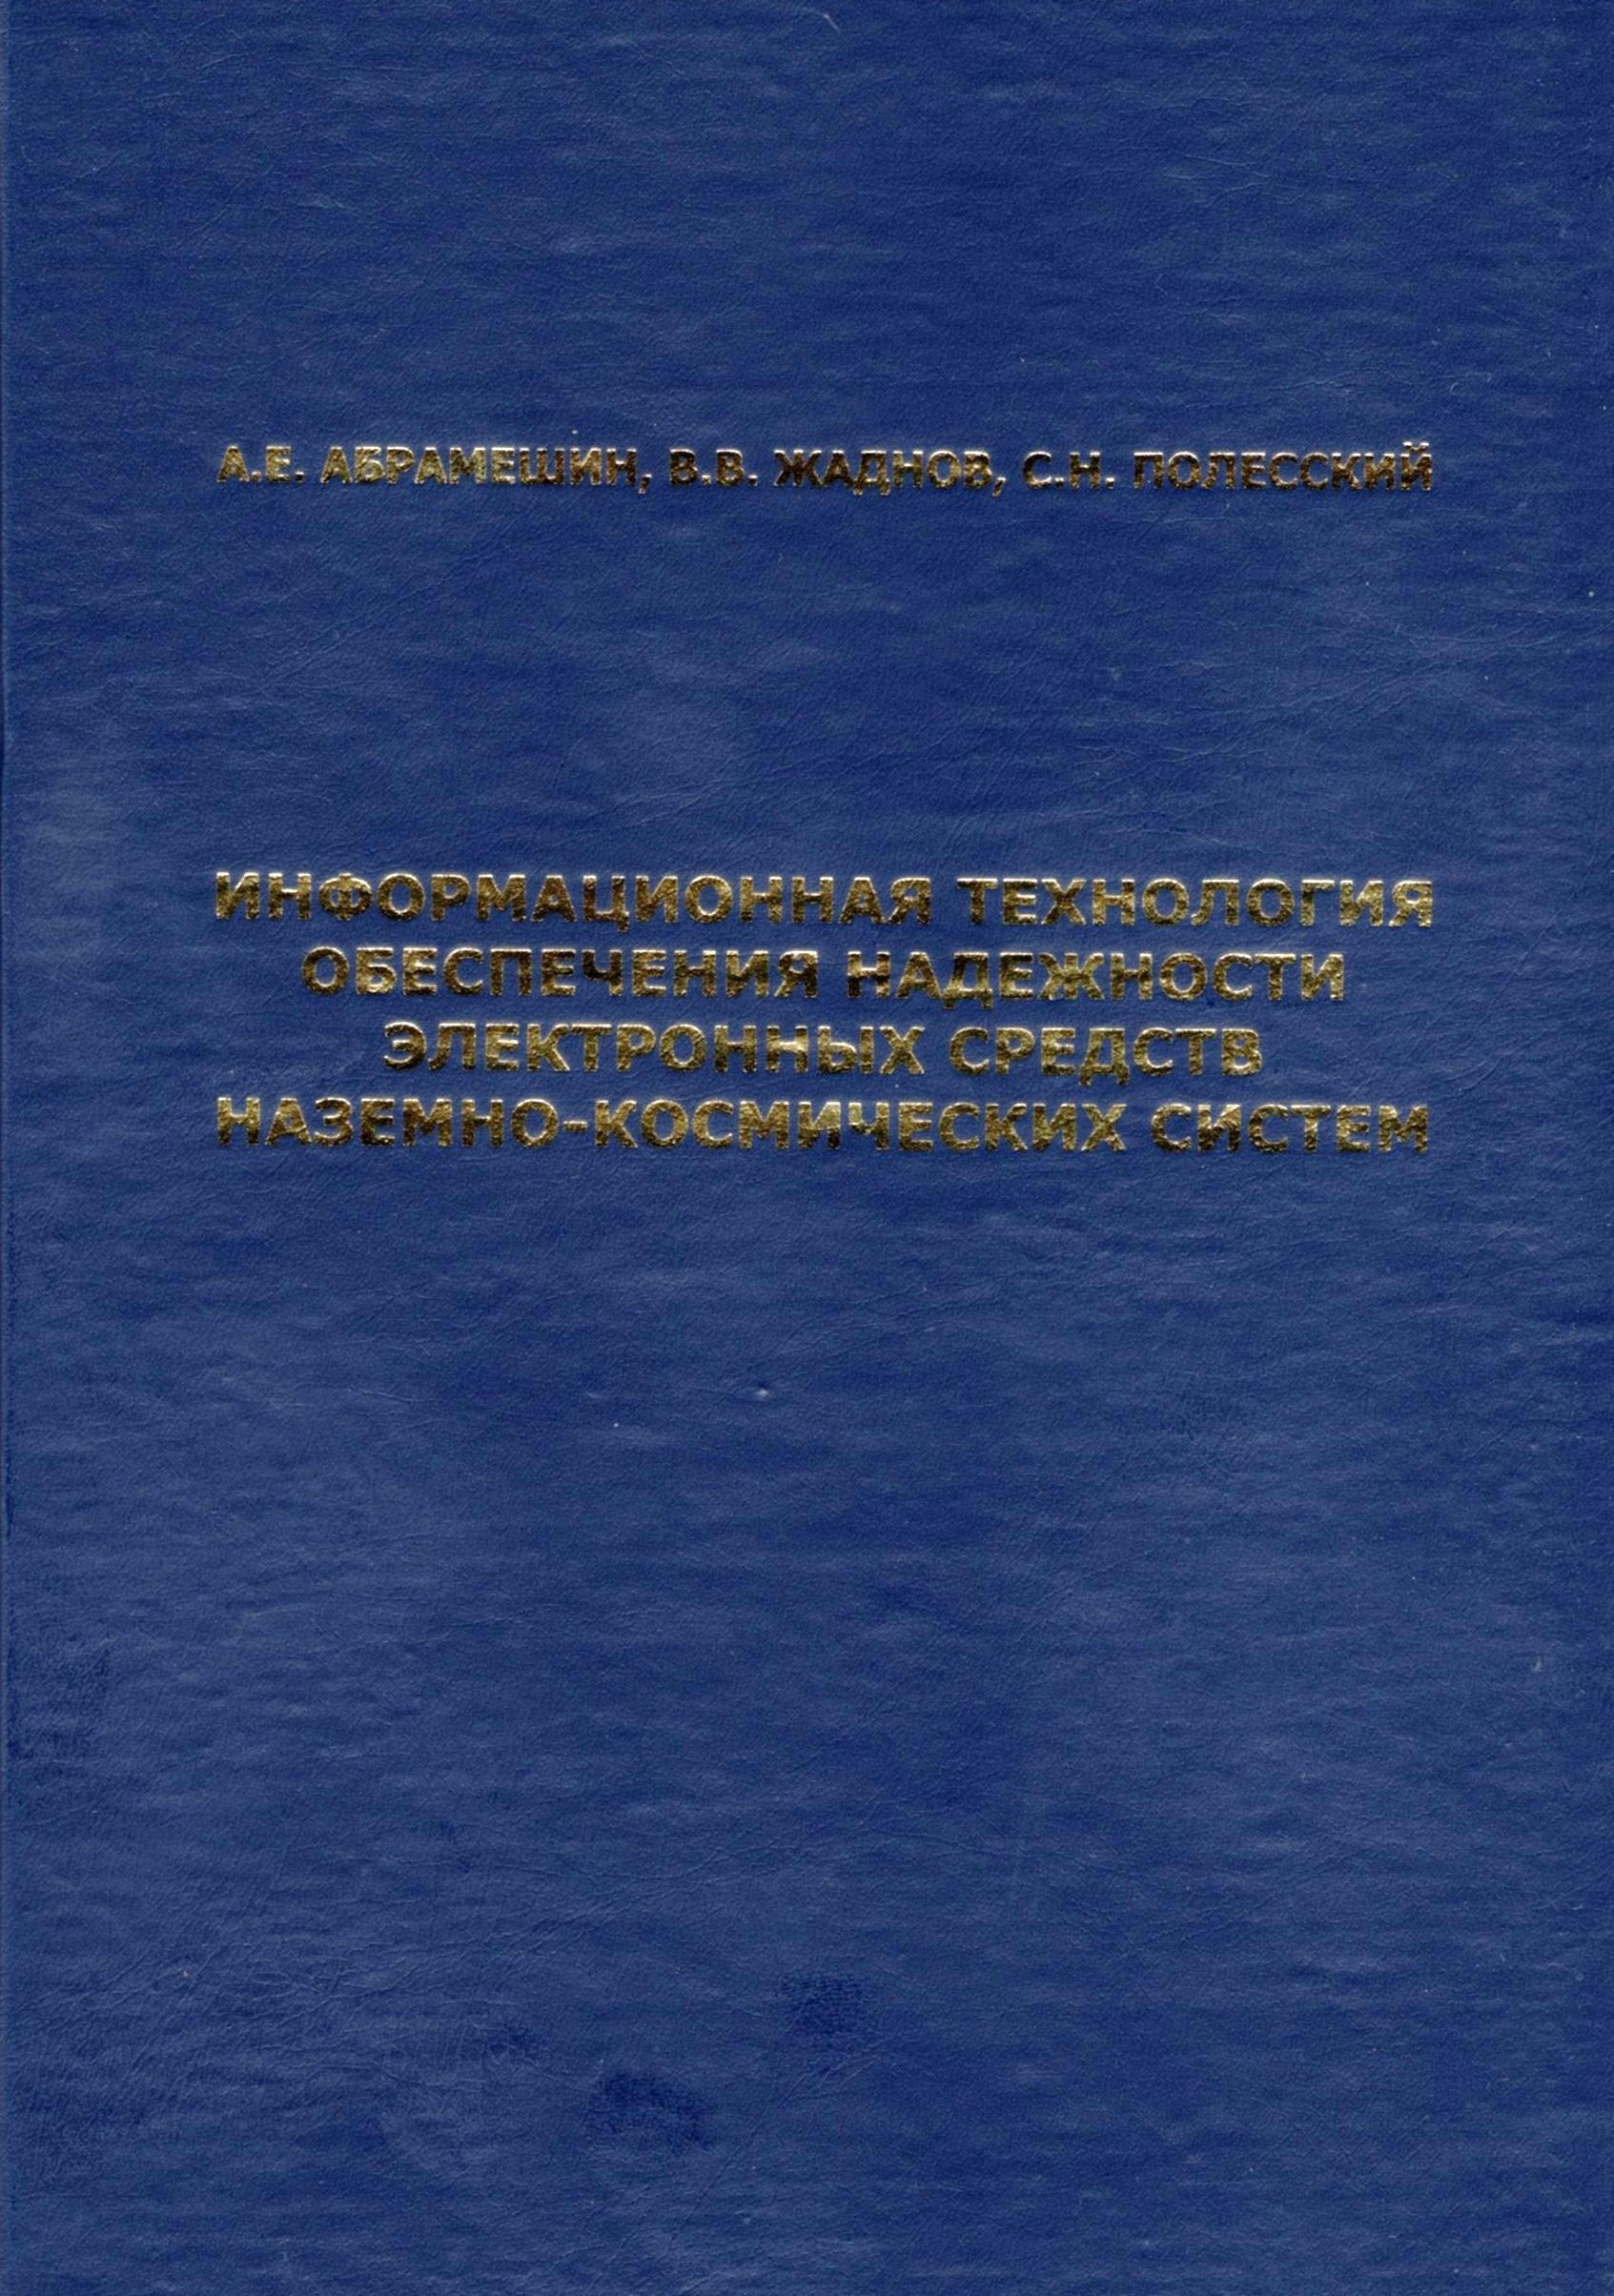 Информационная технология обеспечения надежности электронных средств наземно-космических систем: научное издание